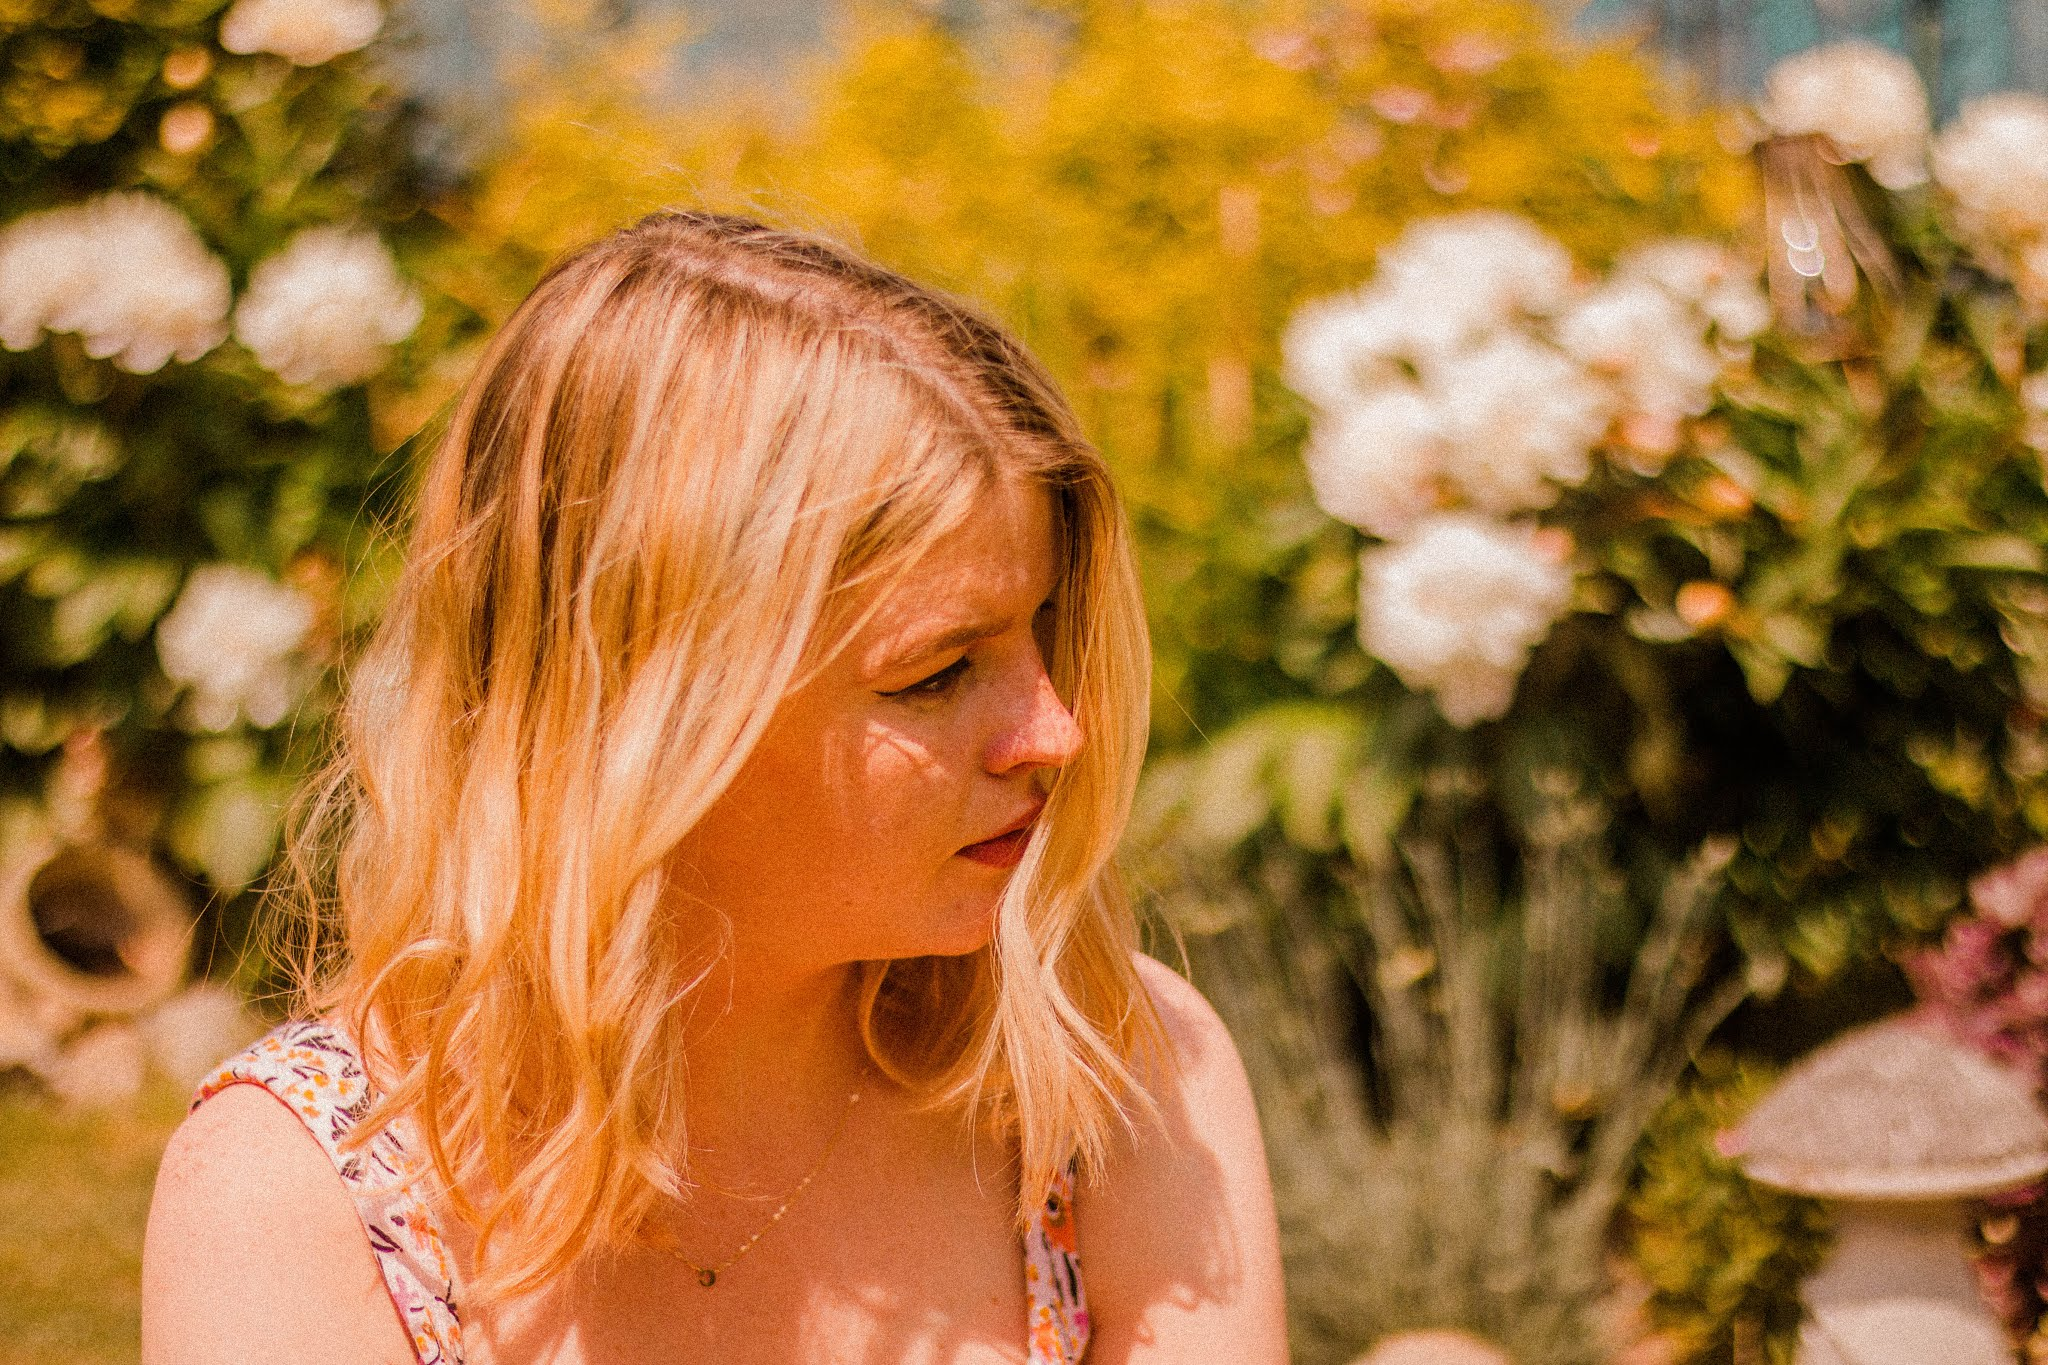 blonde girl in garden wearing floral playsuit - summer bucket list